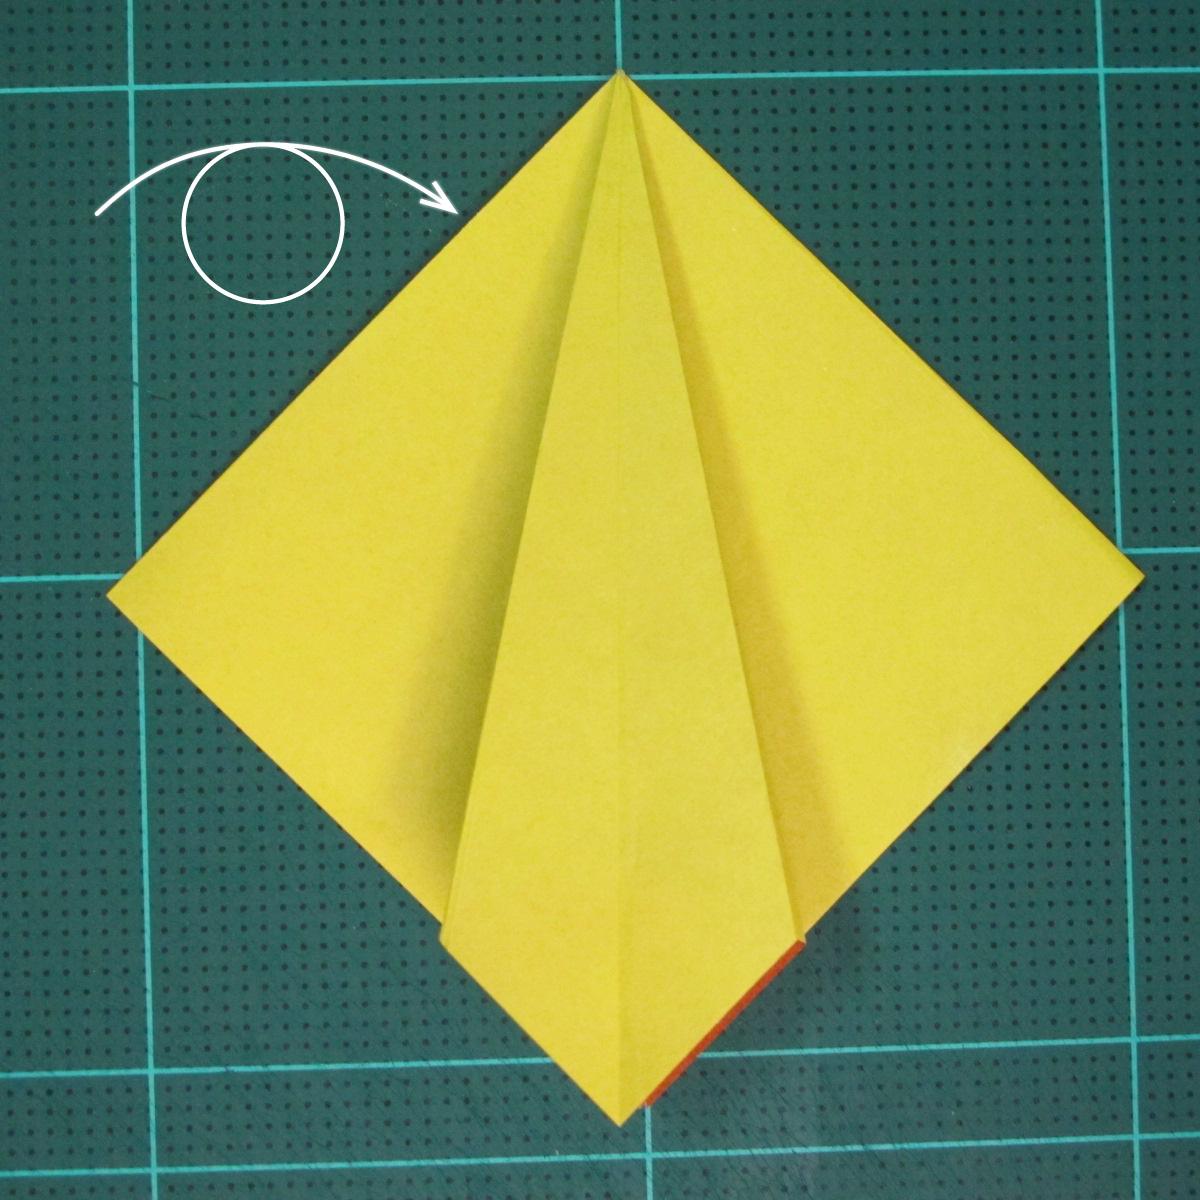 วิธีพับกระดาษเป็นรูปนกยูง (Origami Peacock - ピーコックの折り紙) 015